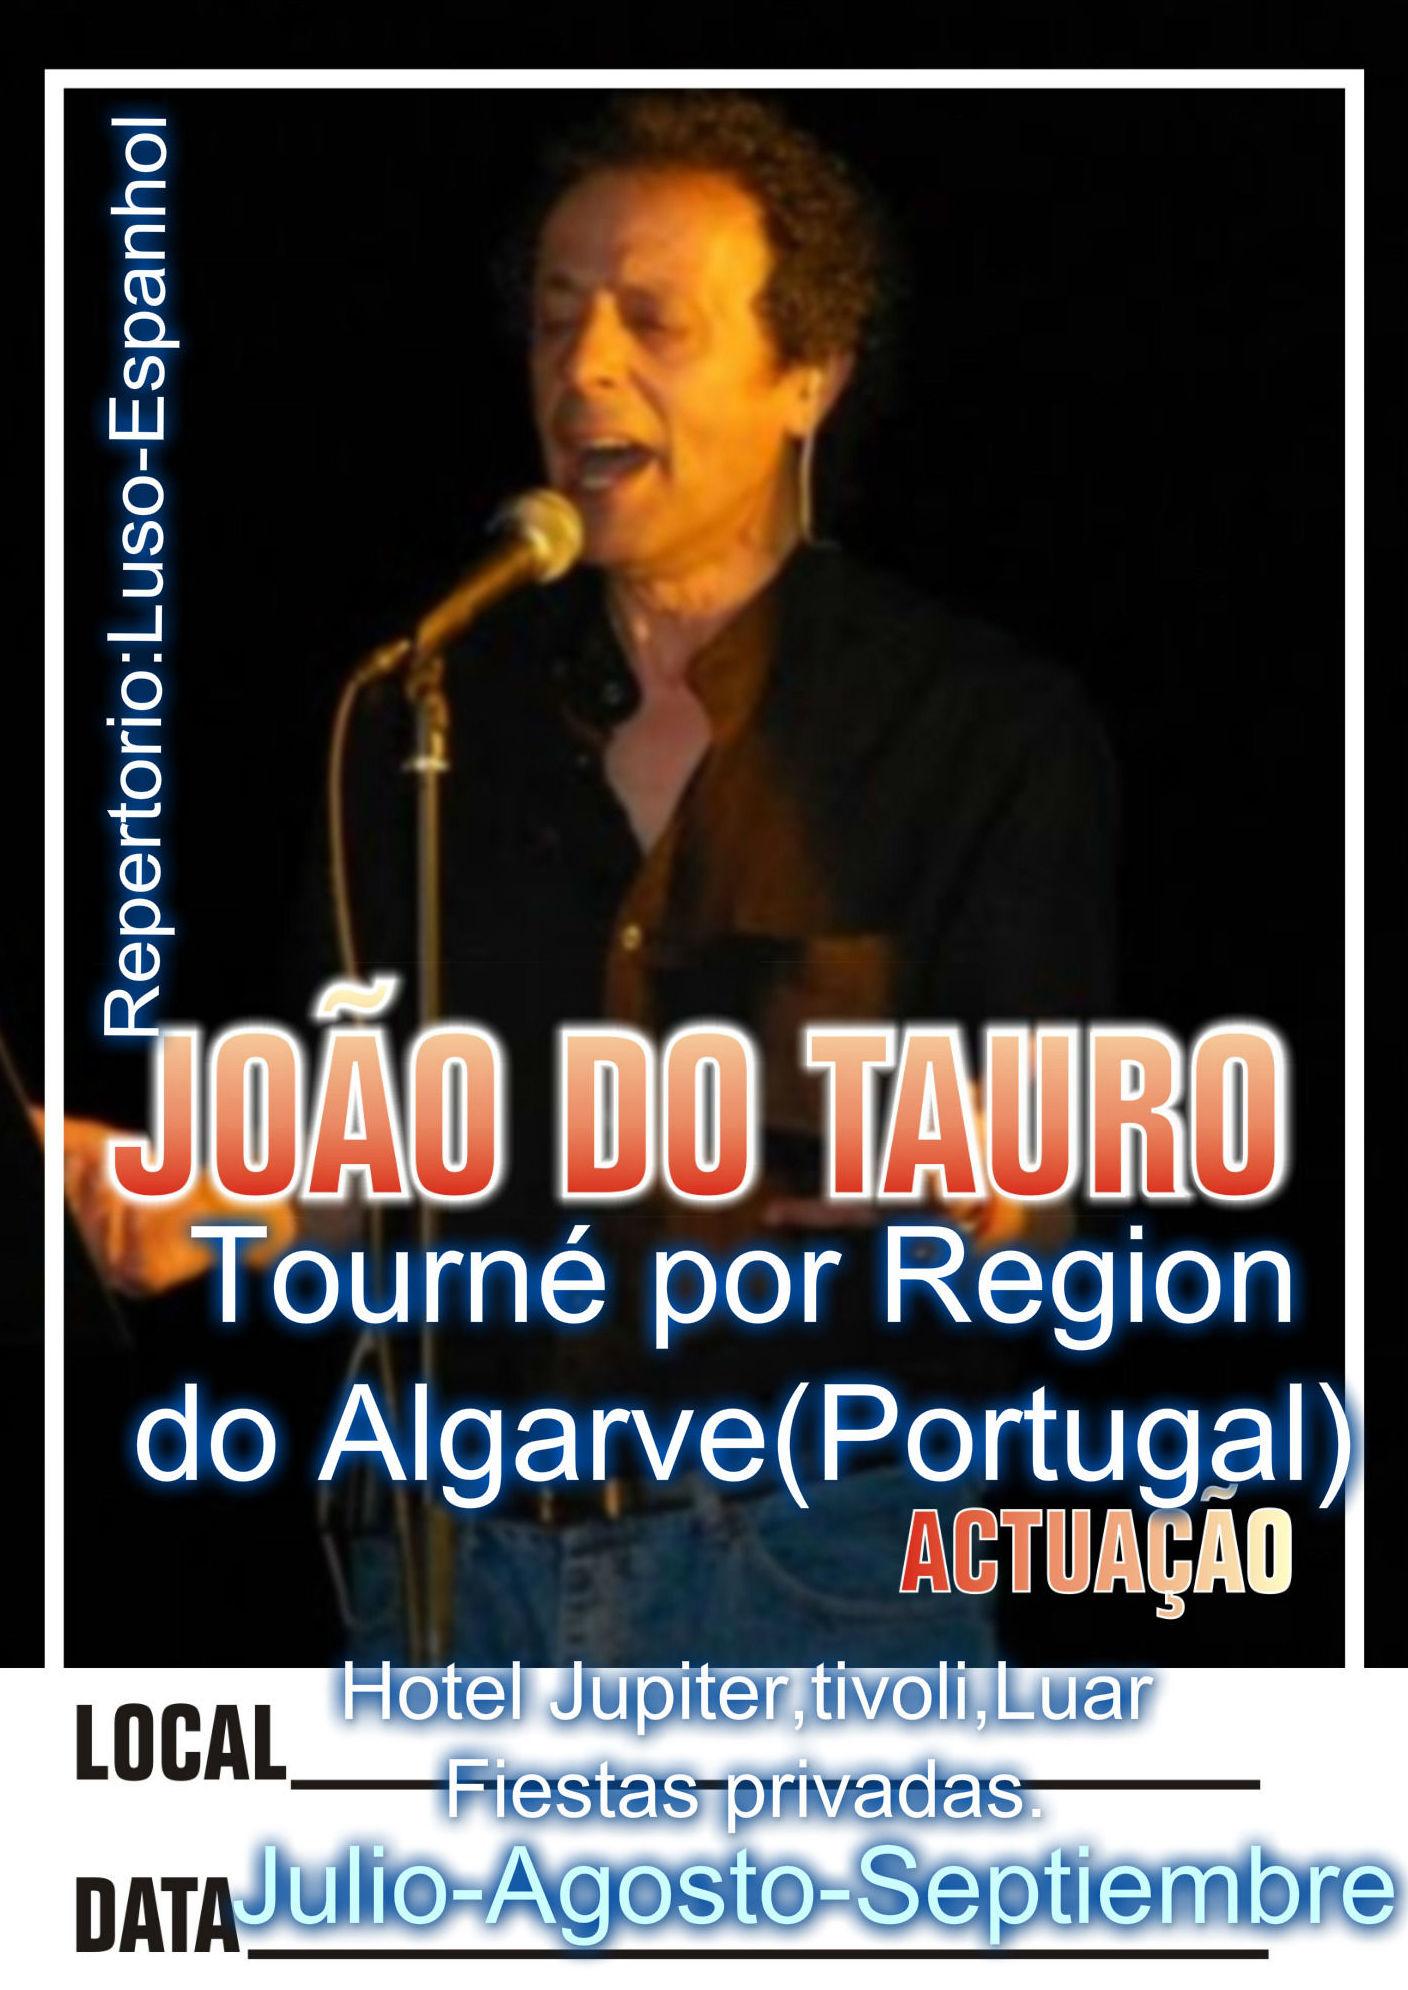 Actuación en Algarve (Portugal)